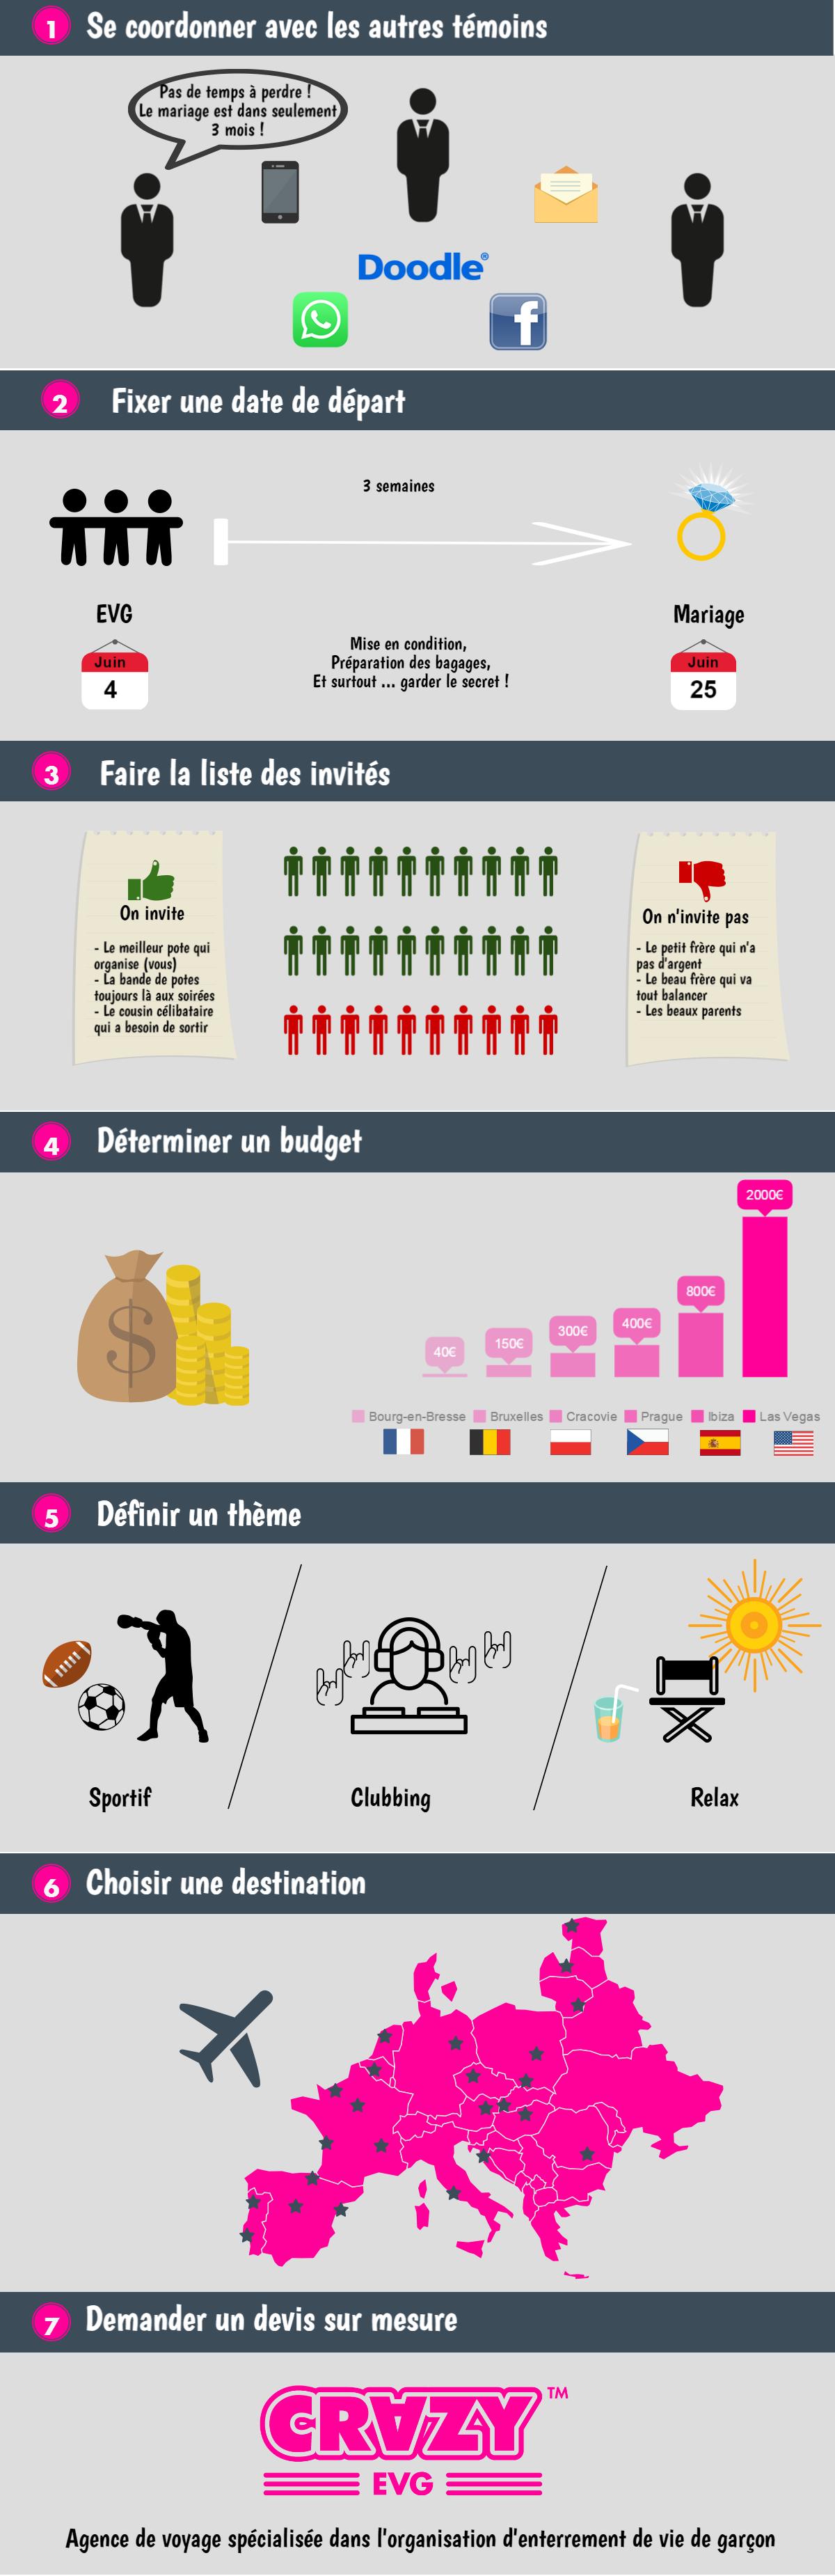 organiser-evg-infographie